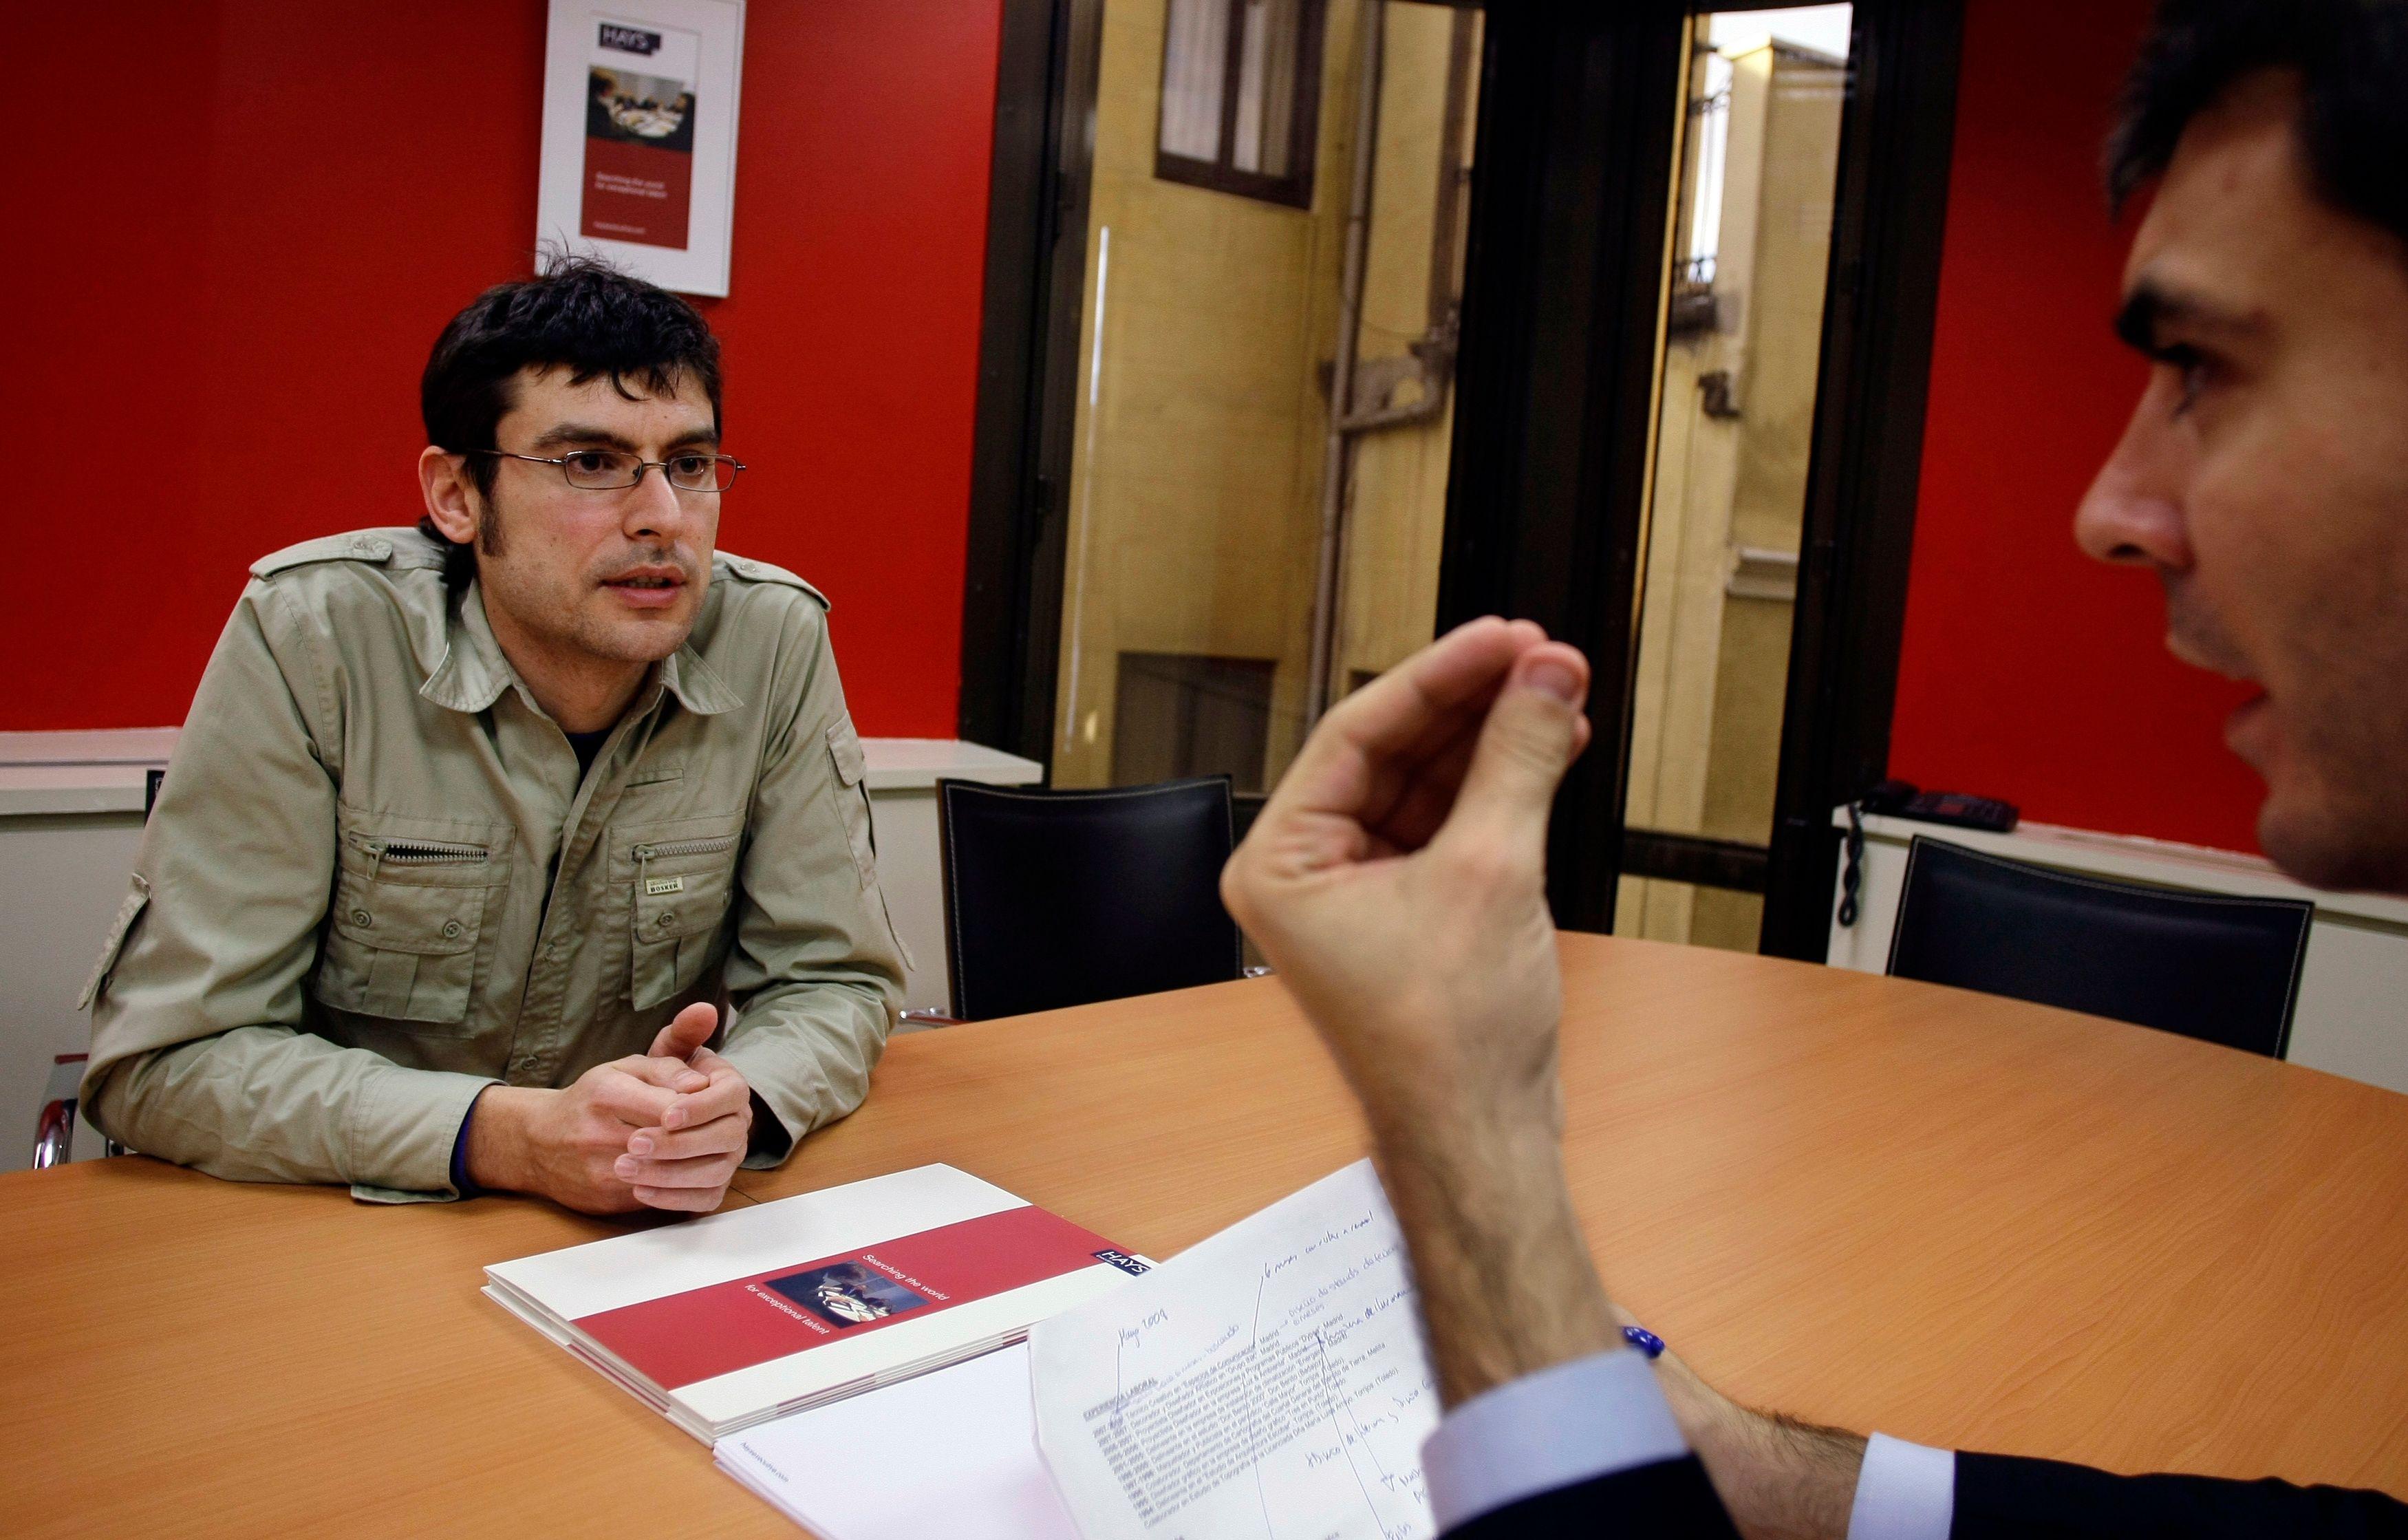 Economie : l'Insee confirme un dixième trimestre de créations nettes d'emplois en France